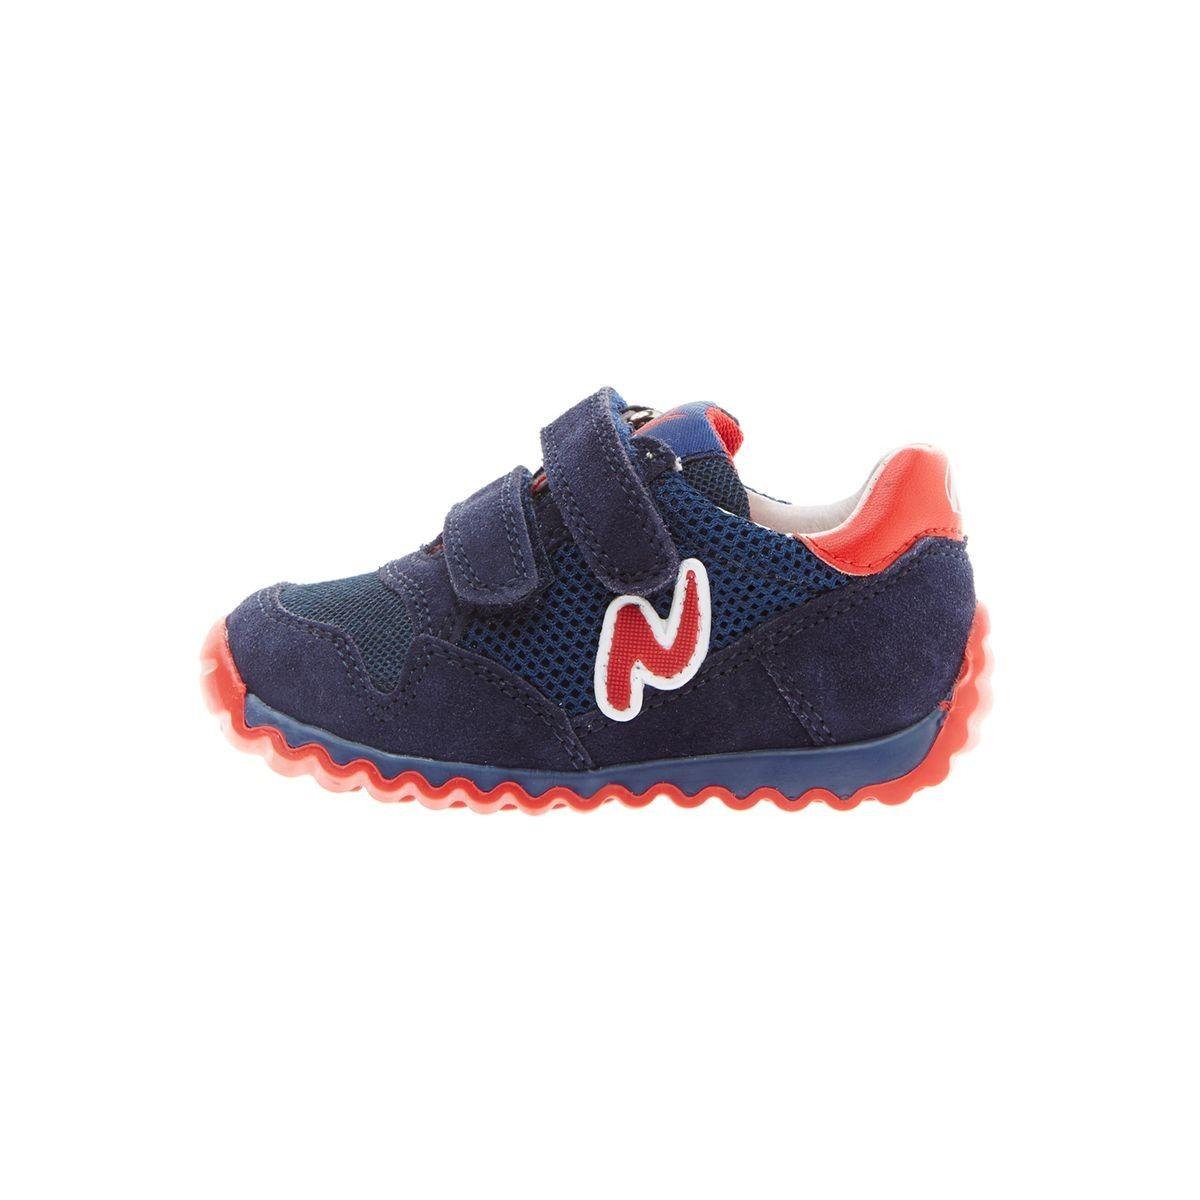 meilleur prix Vente chaude 2019 sortie de gros Naturino Sammy.-sneakers En Cuir Et Filet - Taille : 21;20 ...